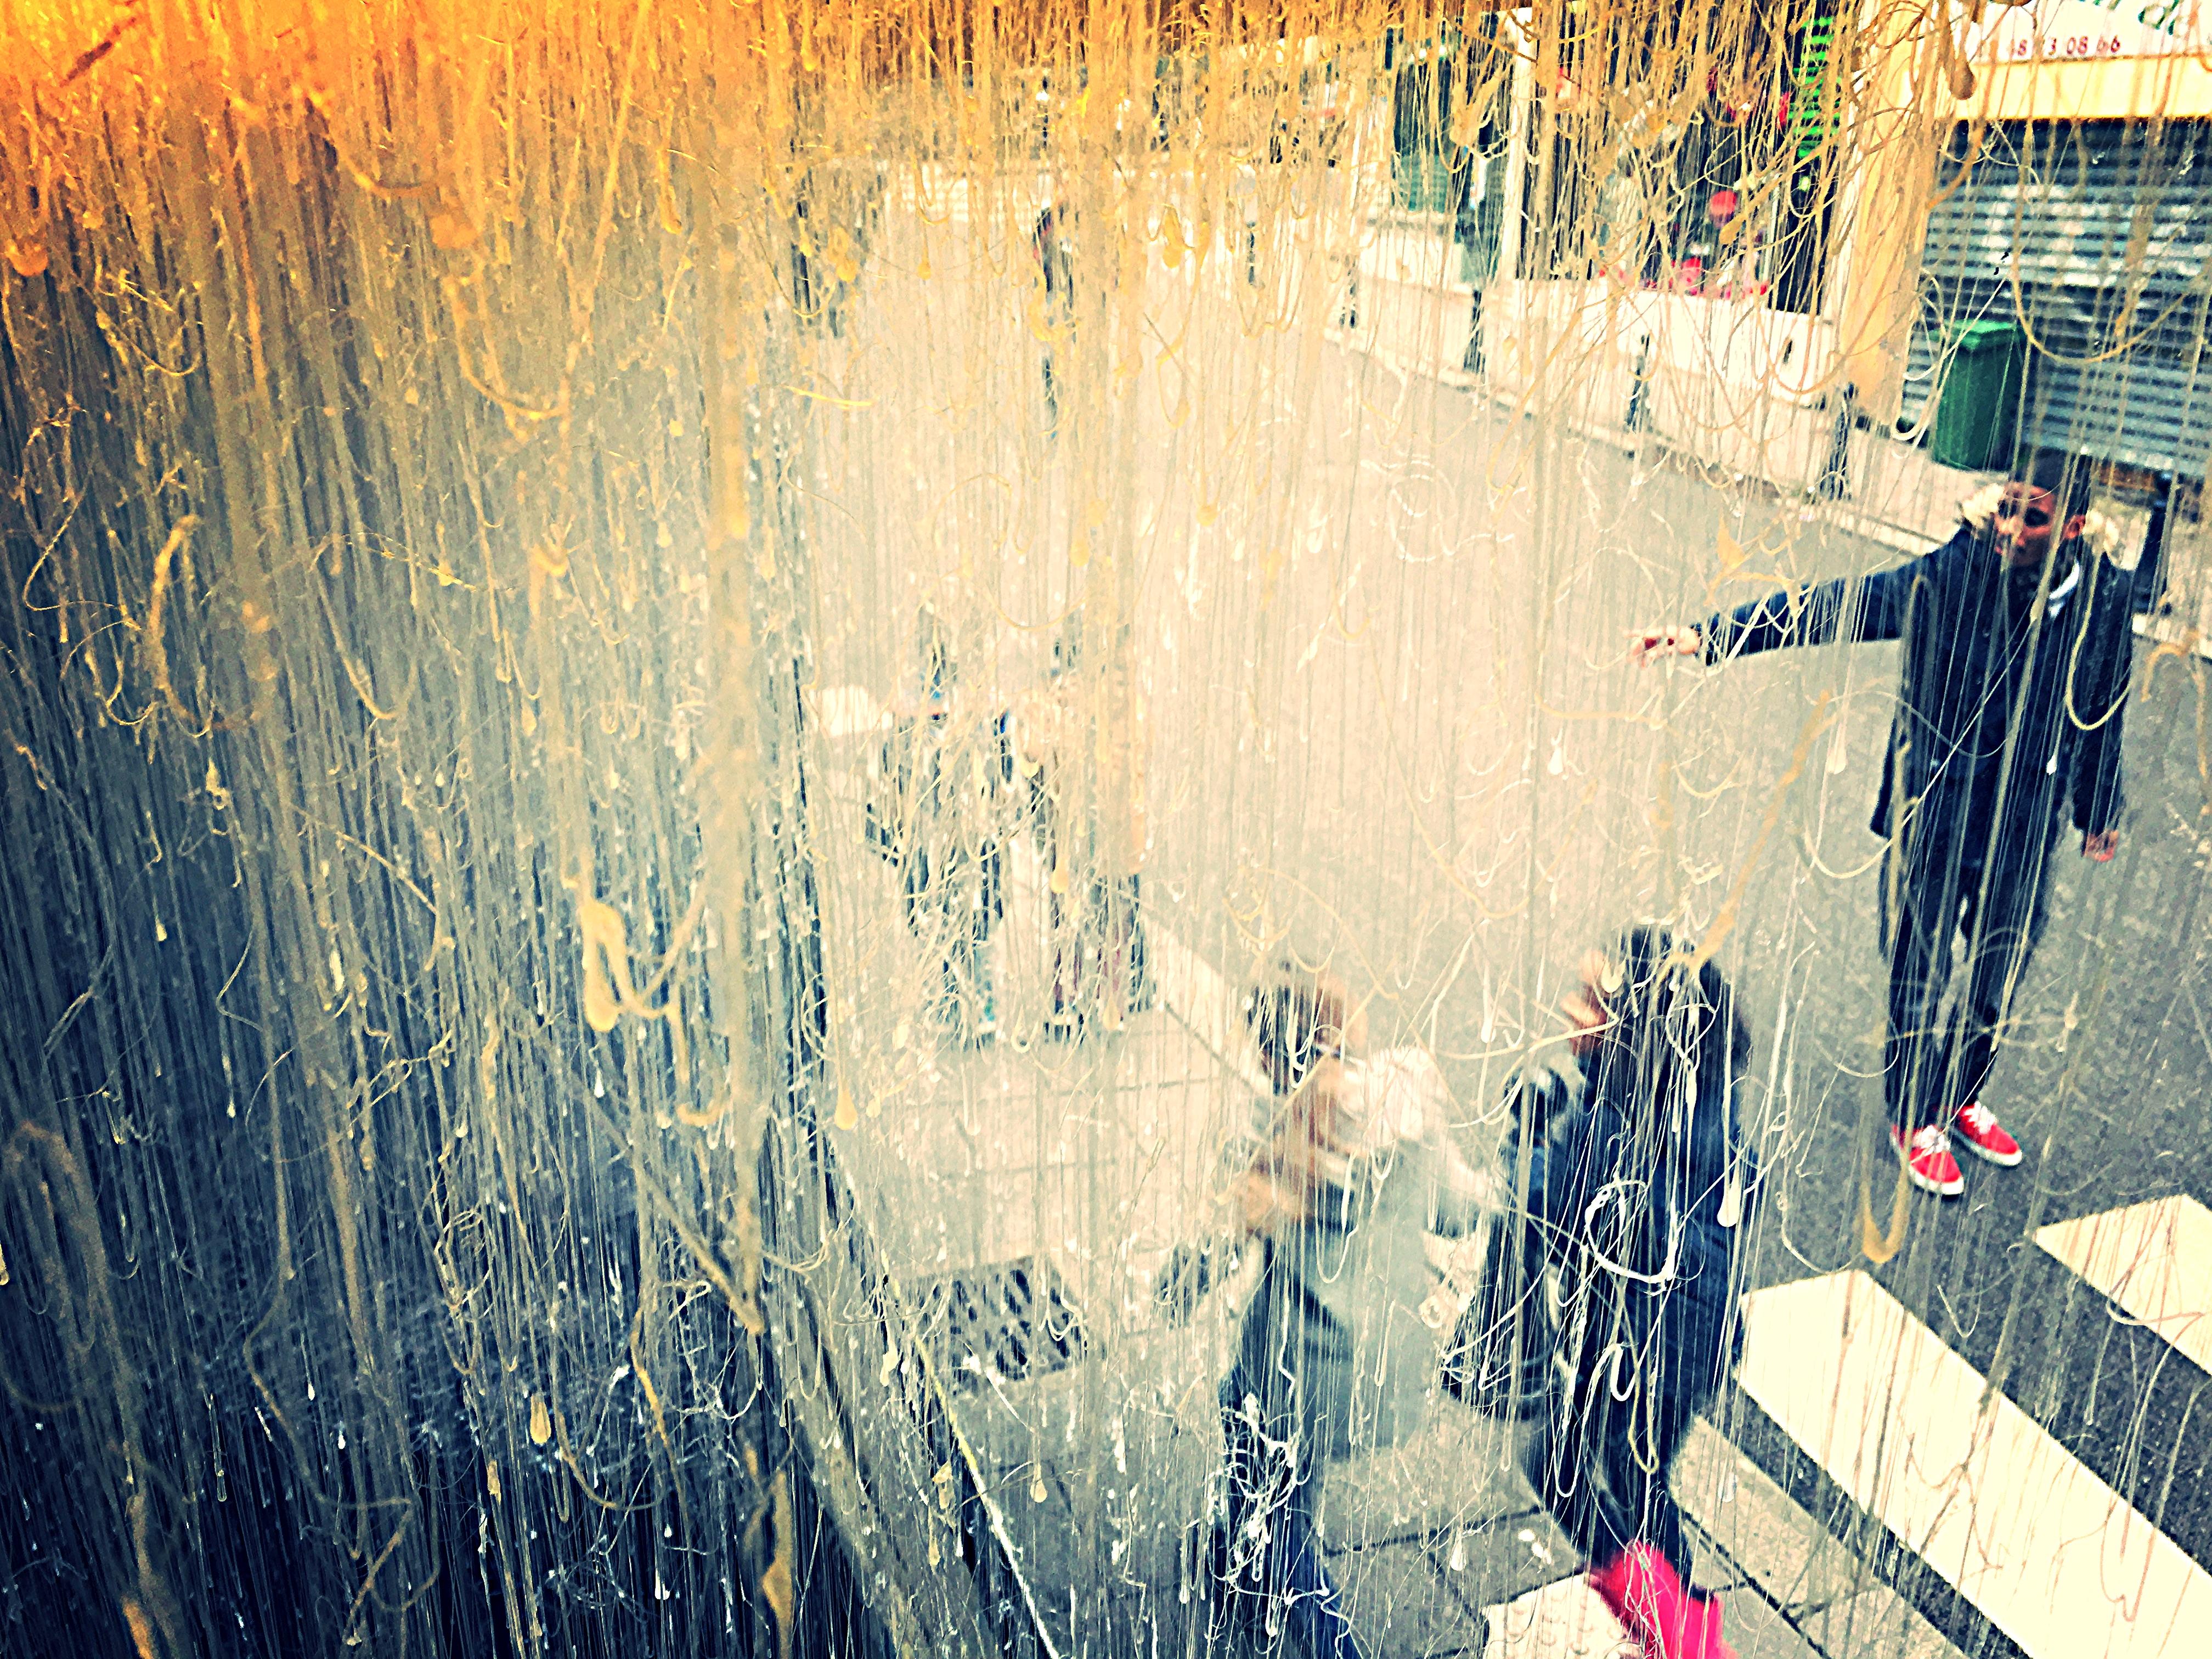 Vue plongeante sur des enfants, derrière un rideau de matière à La Galeru, Fontenay-sous-Bois